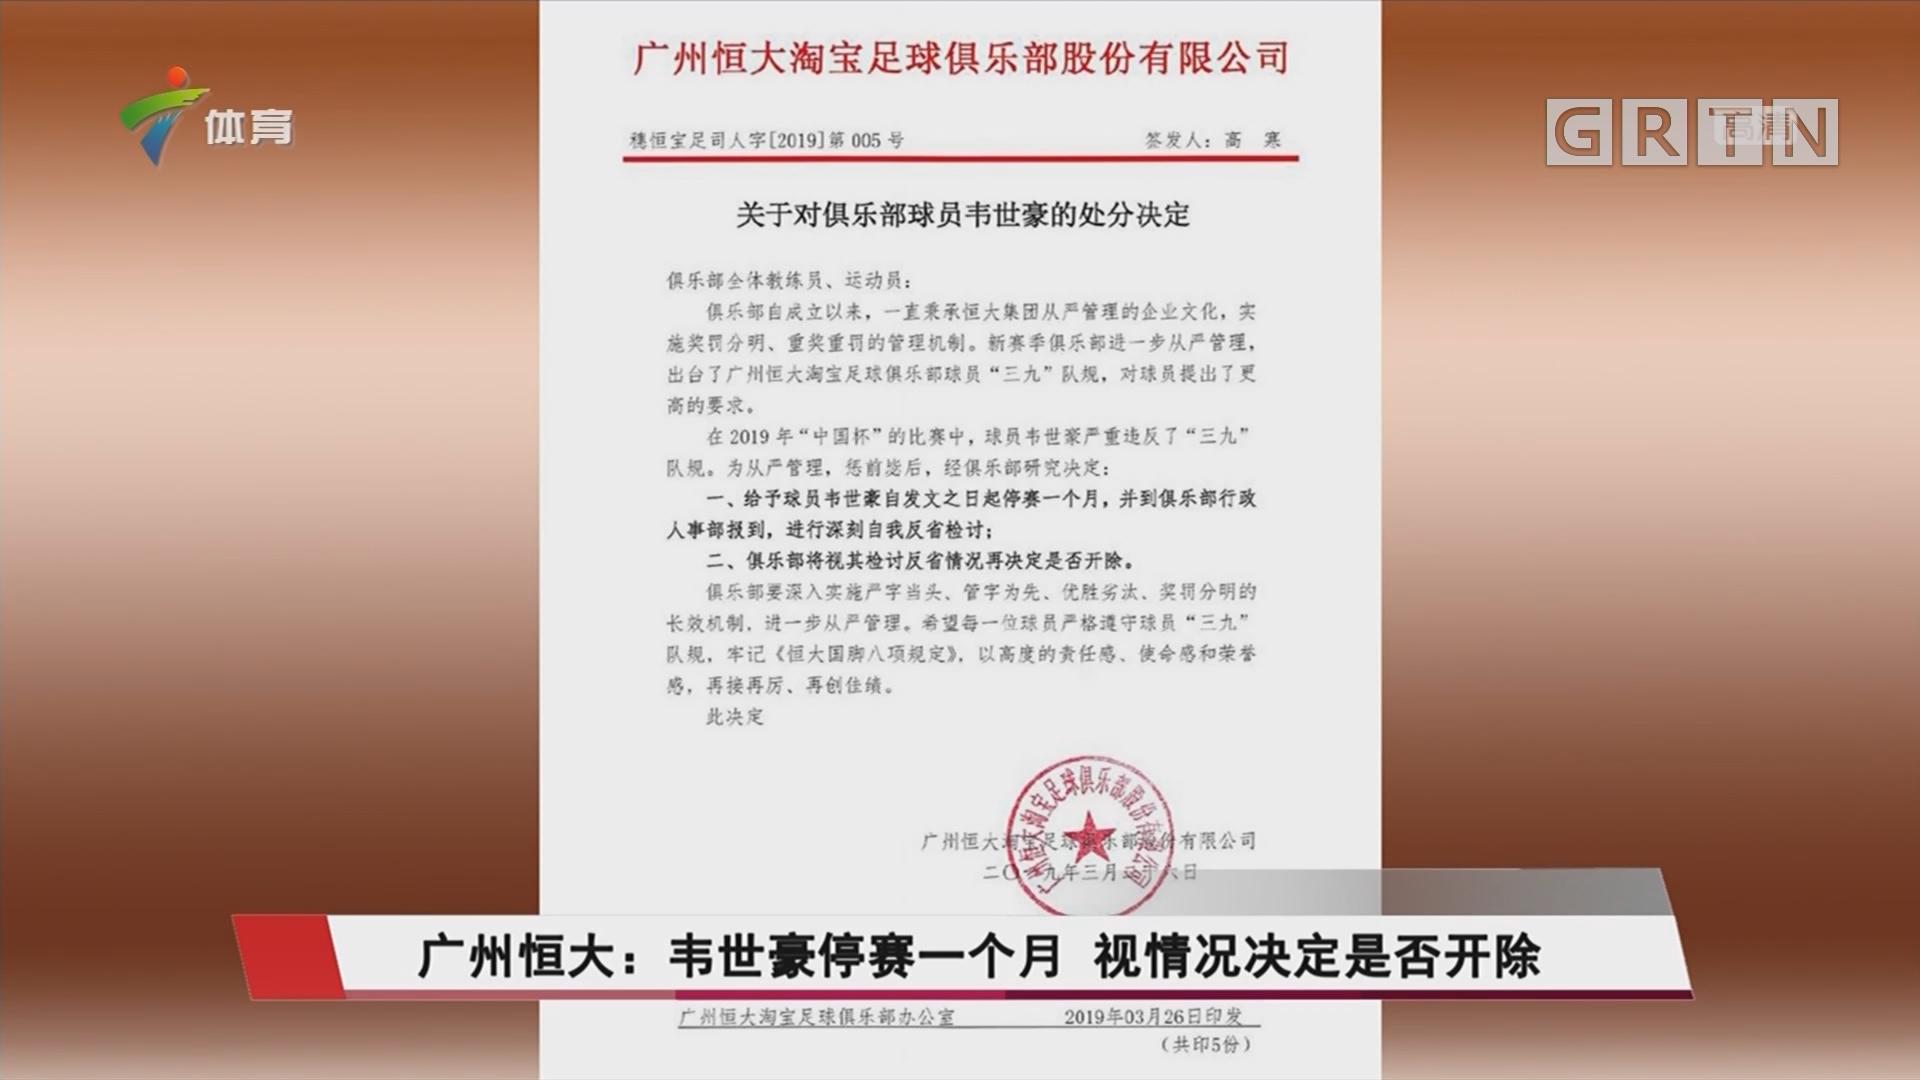 广州恒大:韦世豪停赛一个月 视情况决定是否开除